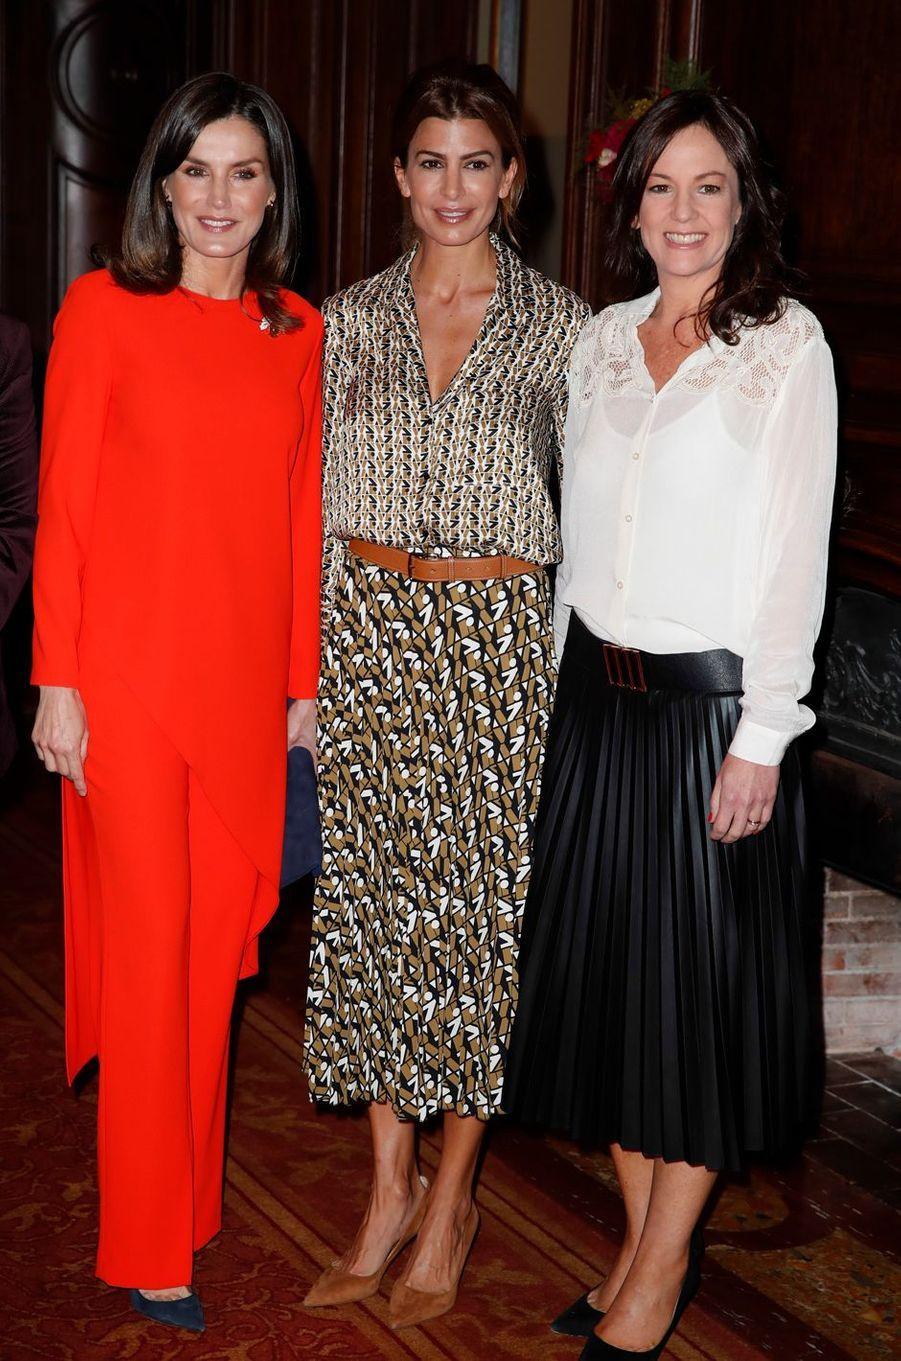 La reine Letizia d'Espagne avec Juliana Awada à Buenos Aires, le 26 mars 2019